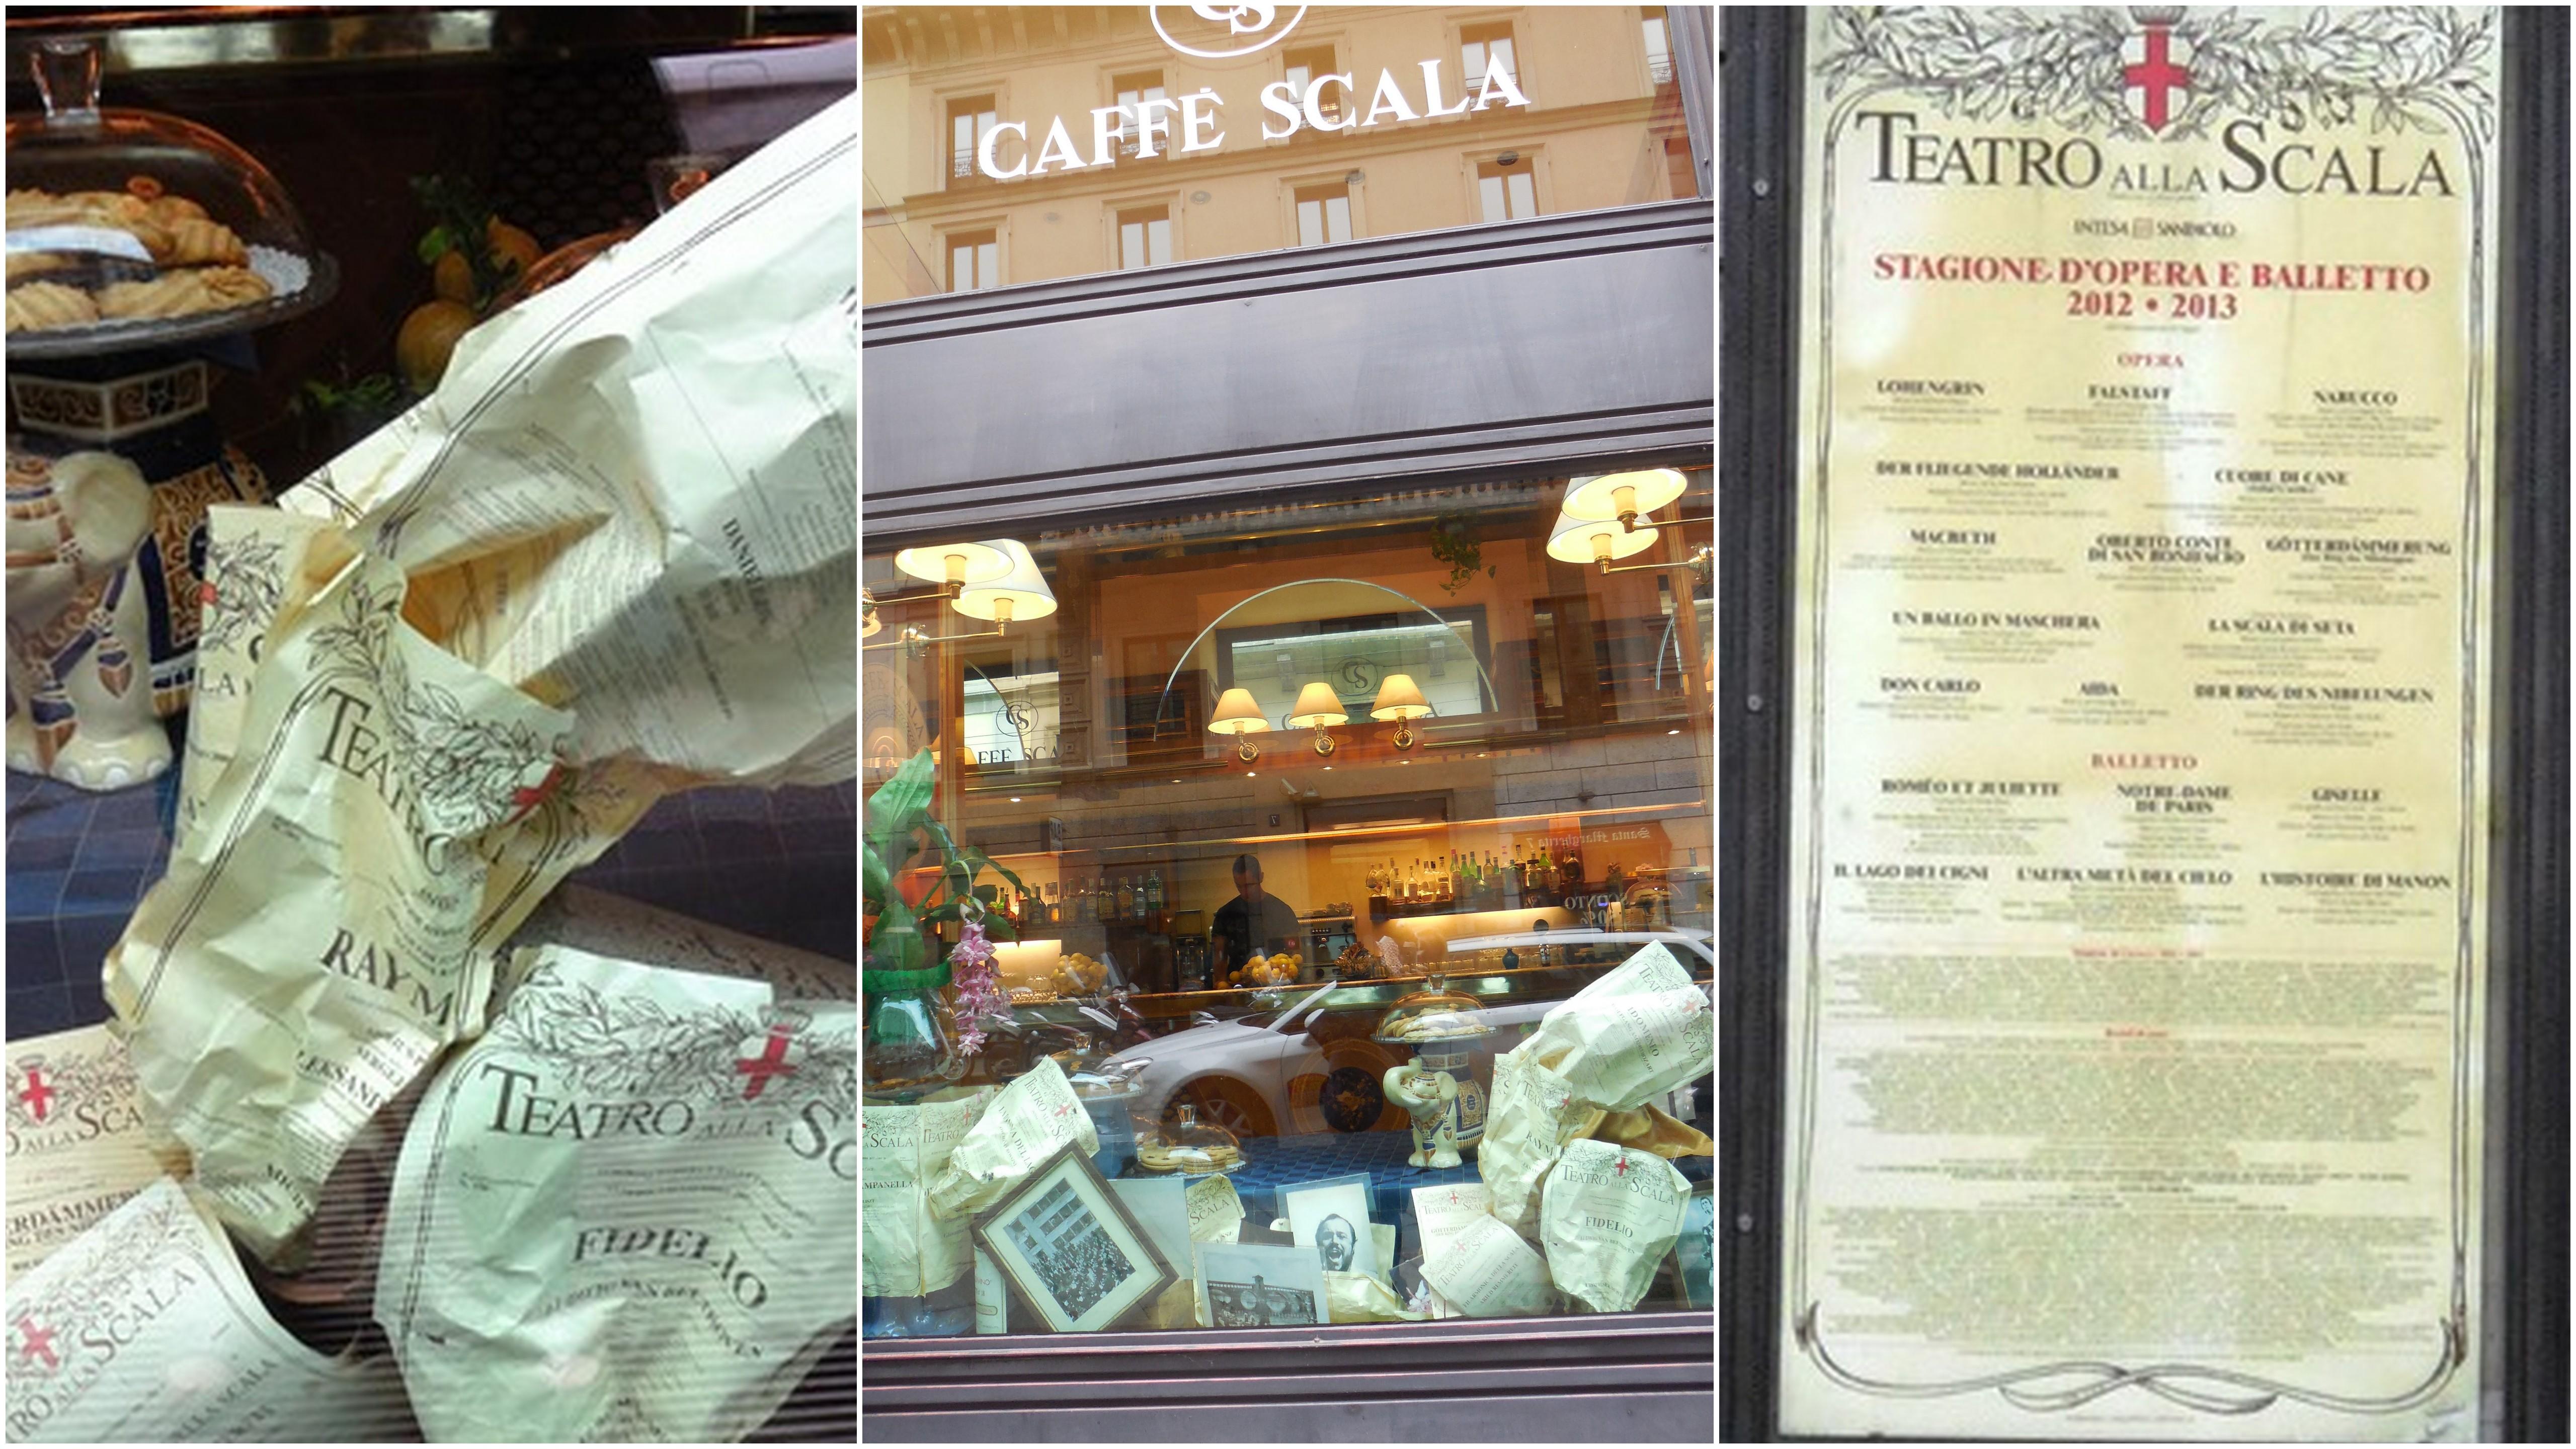 Mailänder Scala